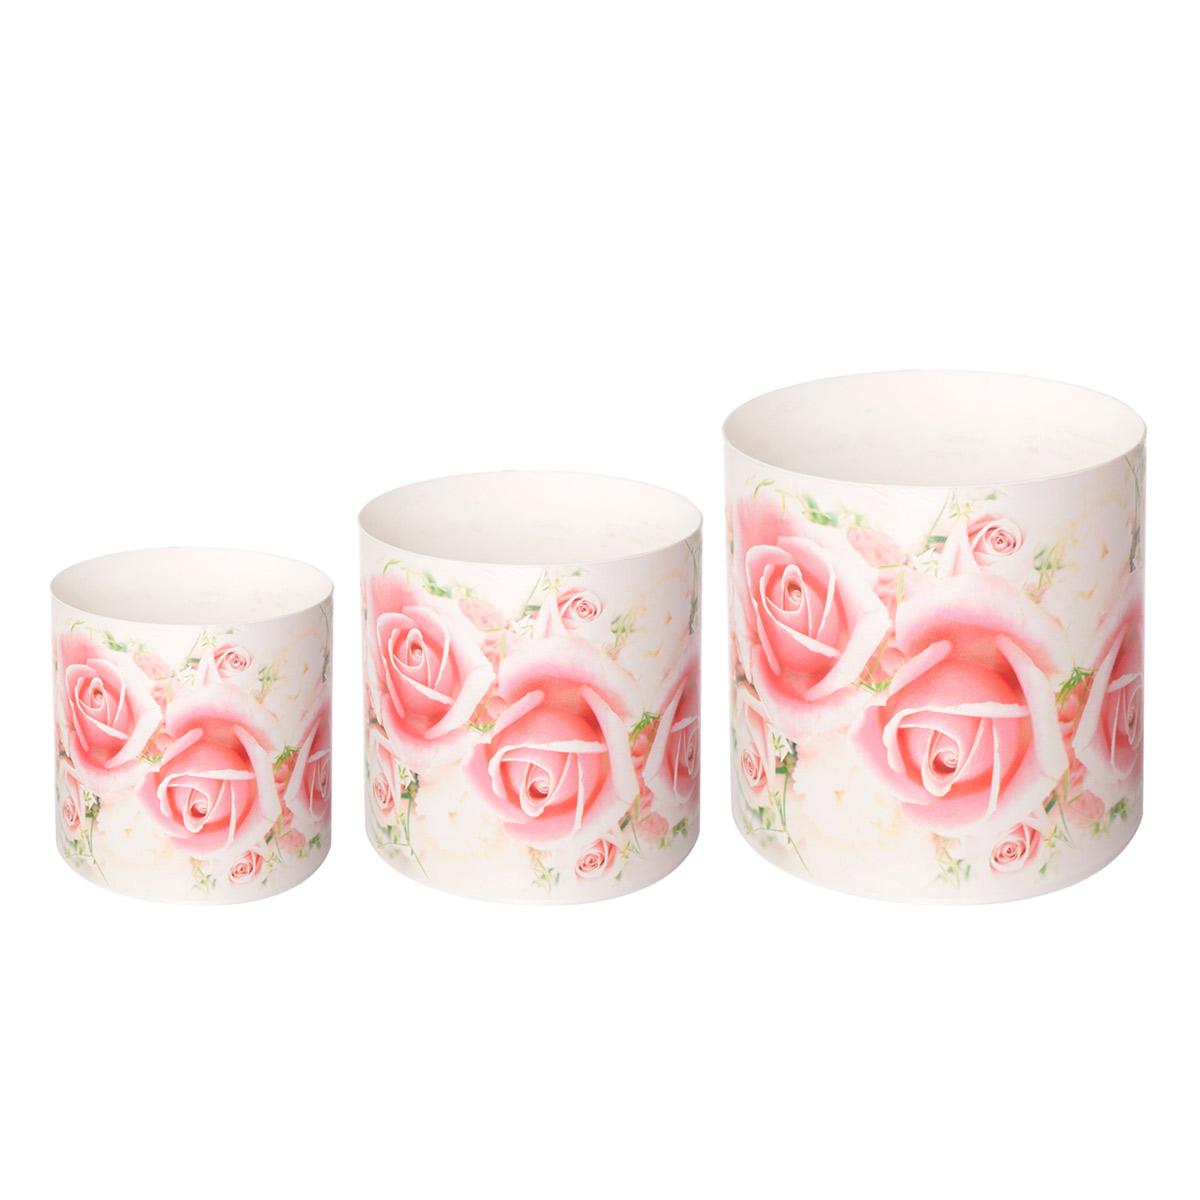 Набор горшков для цветов Miolla Miolla Розы со скрытым поддоном, 2 предметаSMG-SET10Набор горшочков Miolla c 3D рисунком. Хорошо будут смотреться как основа для топиариев и флористических композиций. А так же замечательно для комнатных цветов.